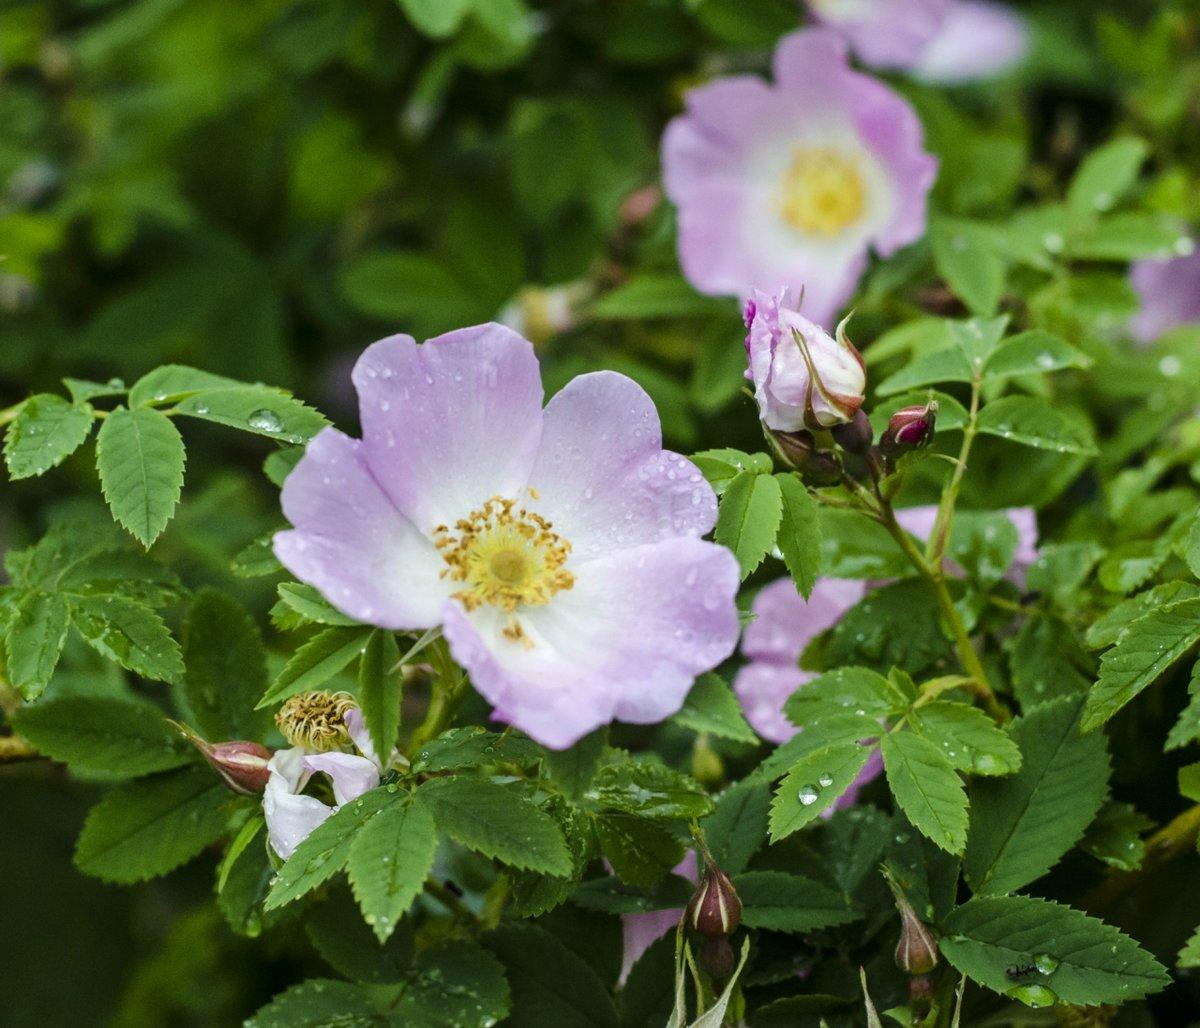 территории комплекса картинки на аву цветы шиповника можно восстановить или